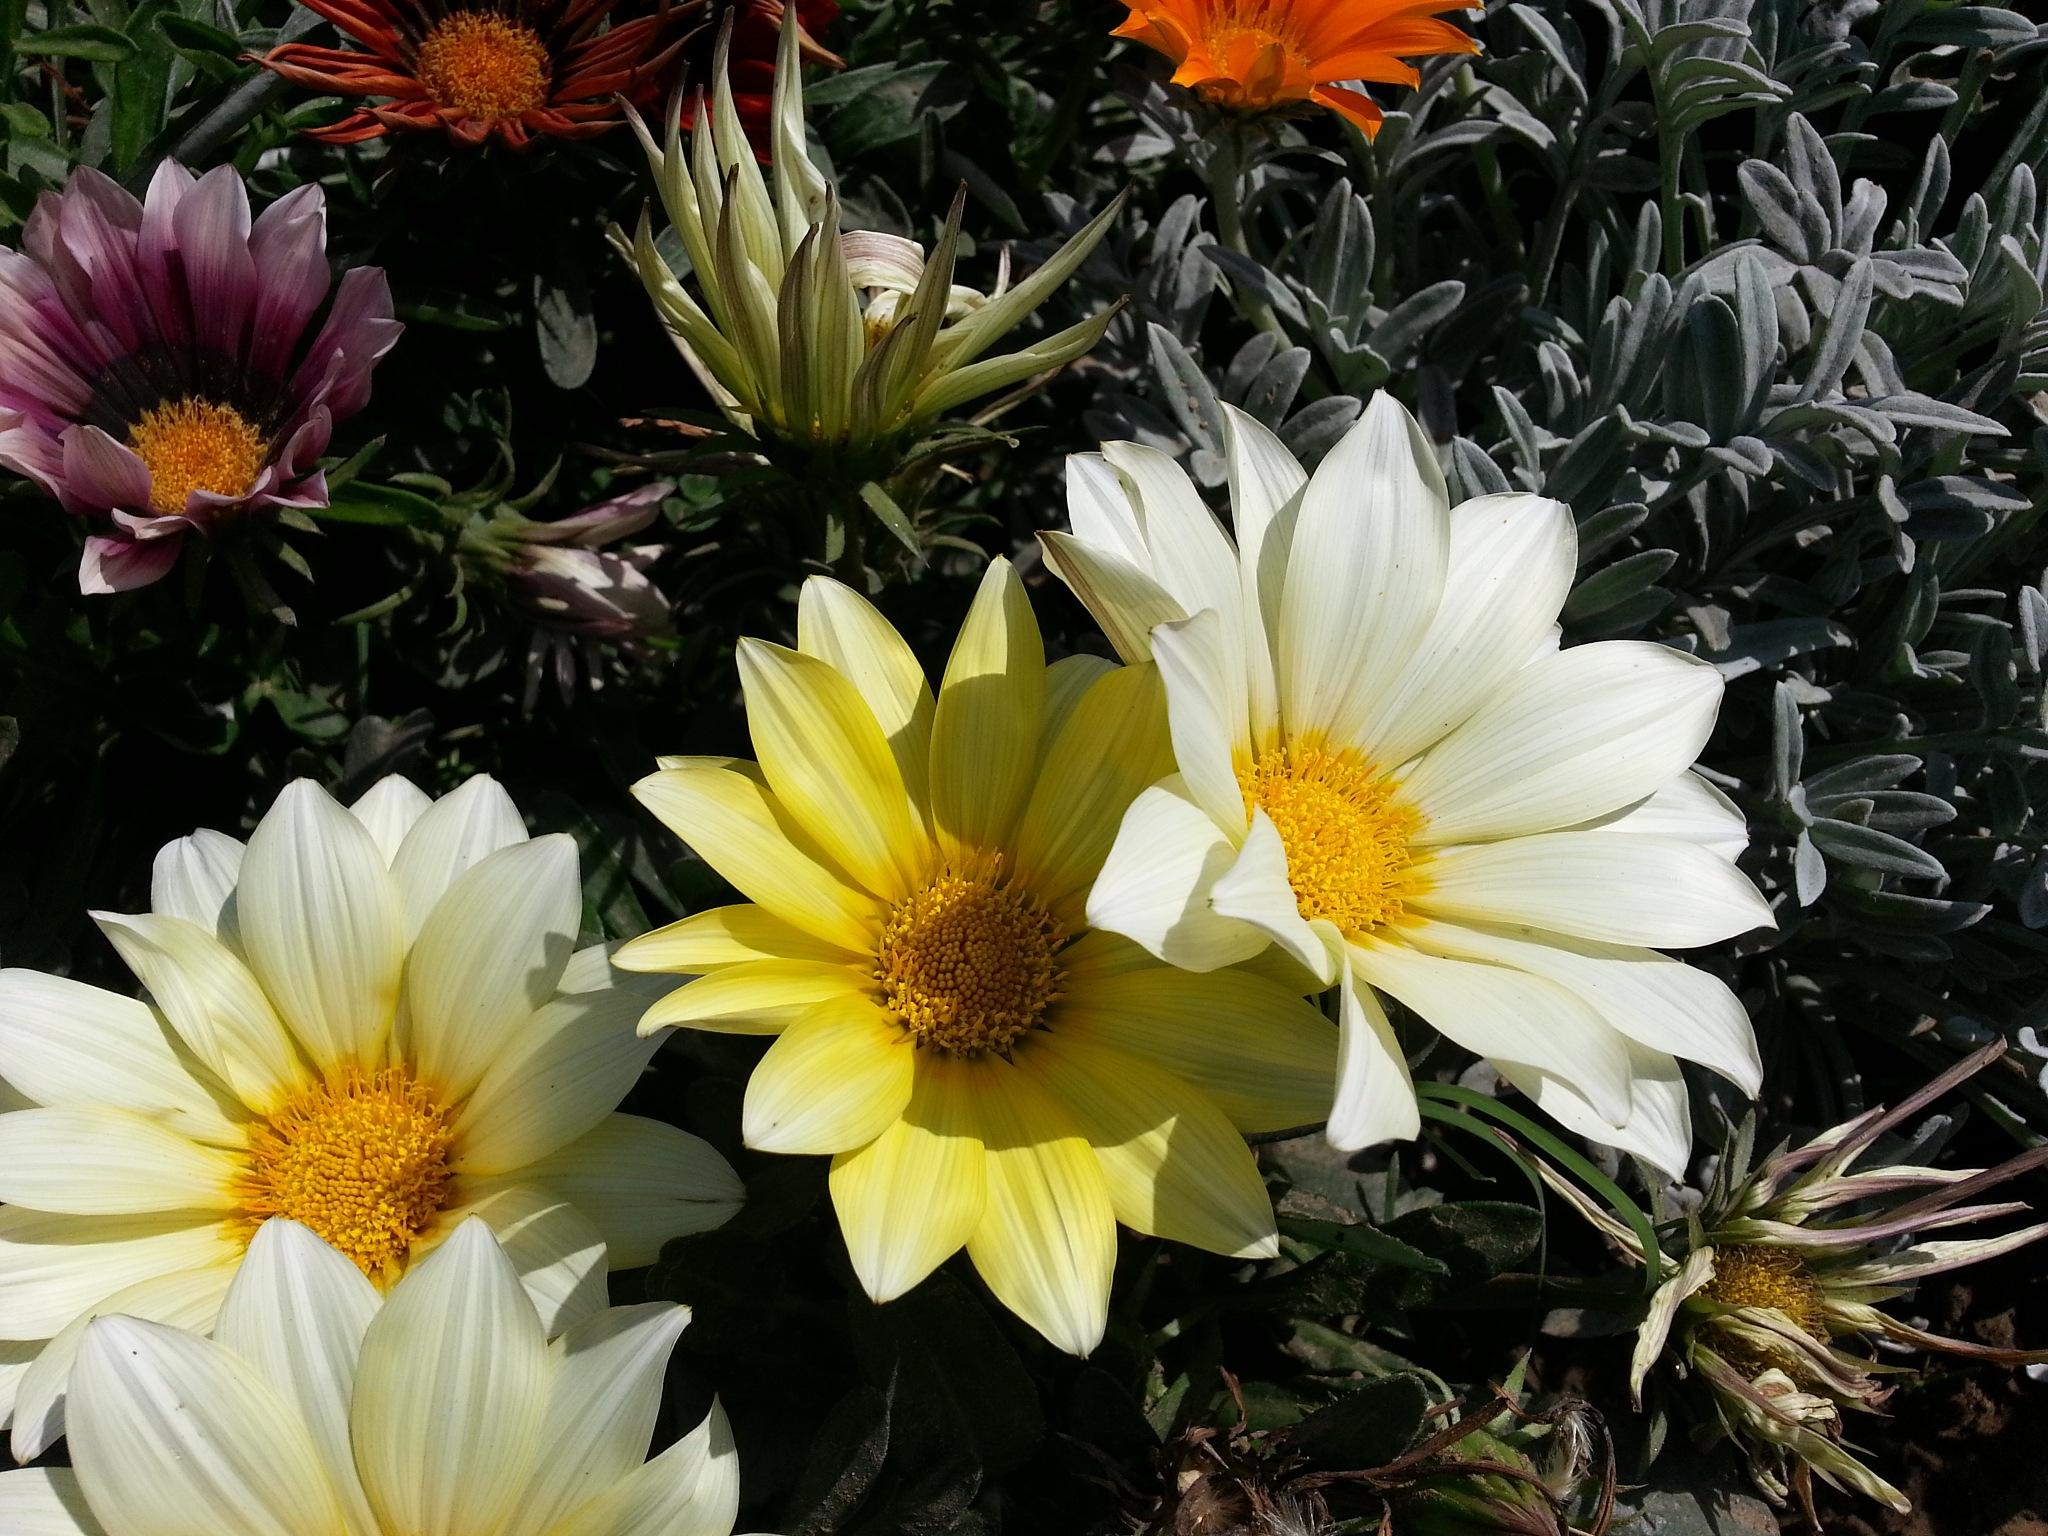 Flowers in bright sunlight 04 by Suresh Tewari